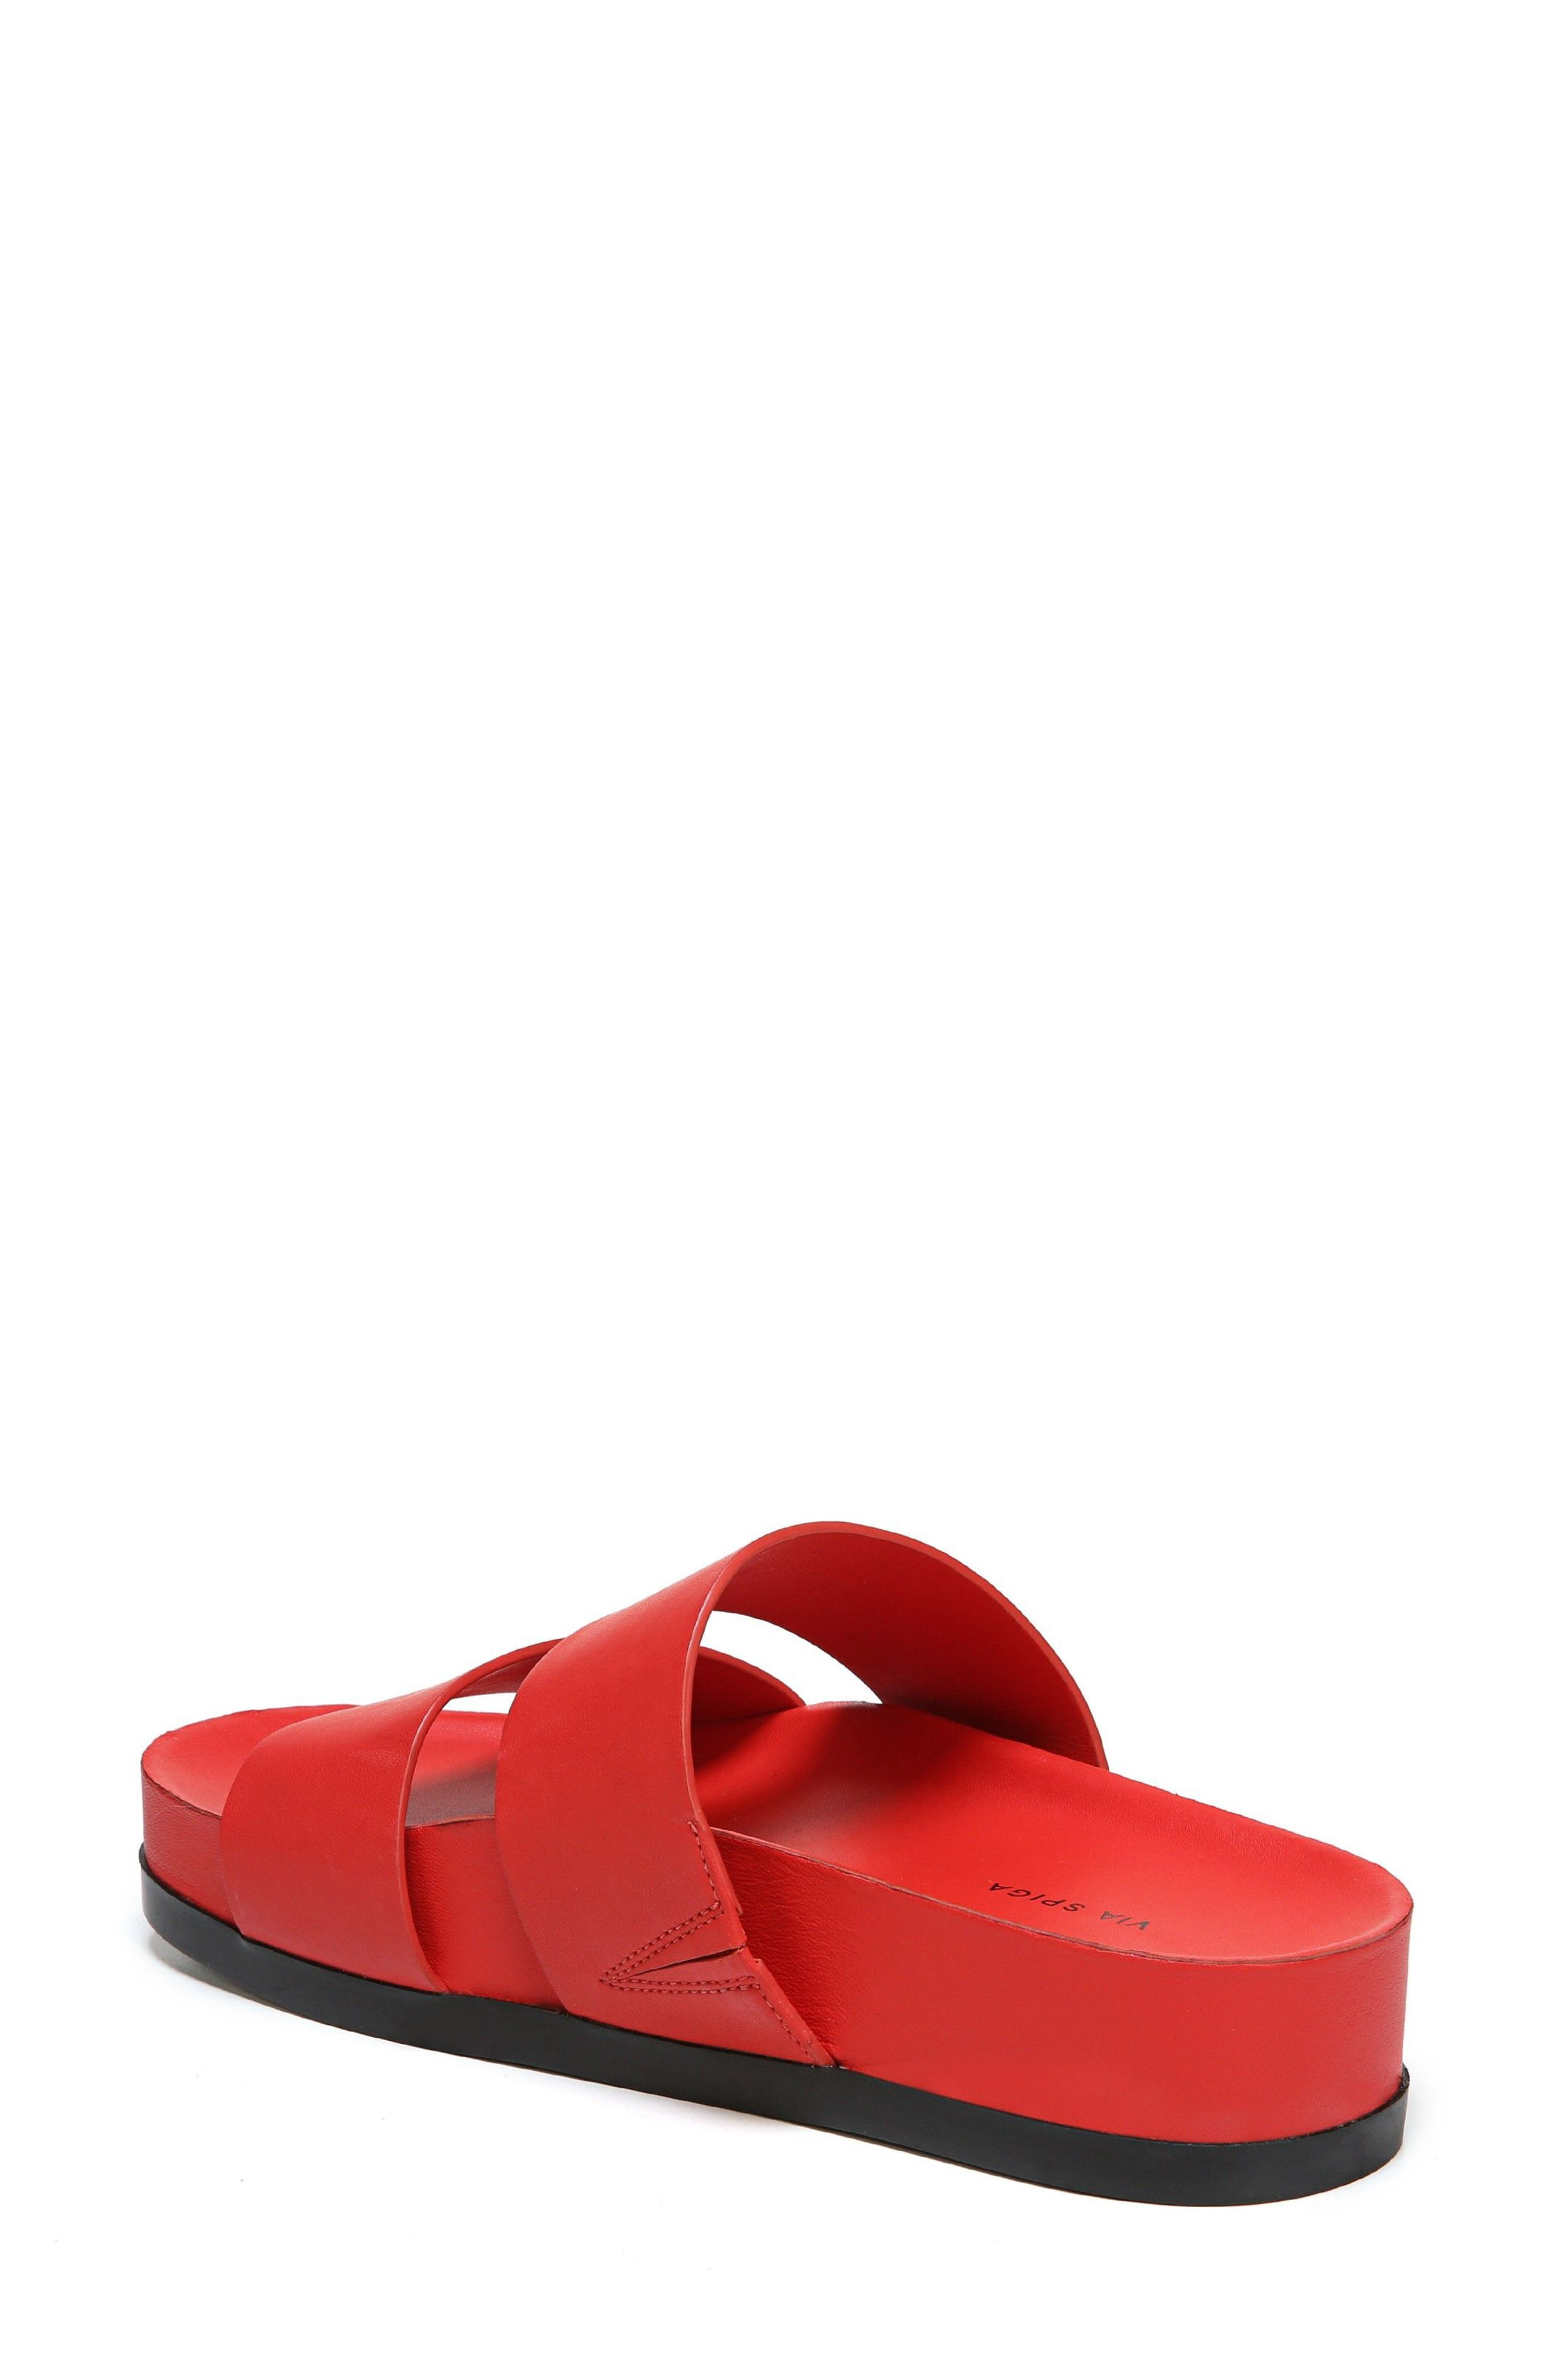 Milton Slide Sandal,                             Alternate thumbnail 2, color,                             Poppy Red Leather